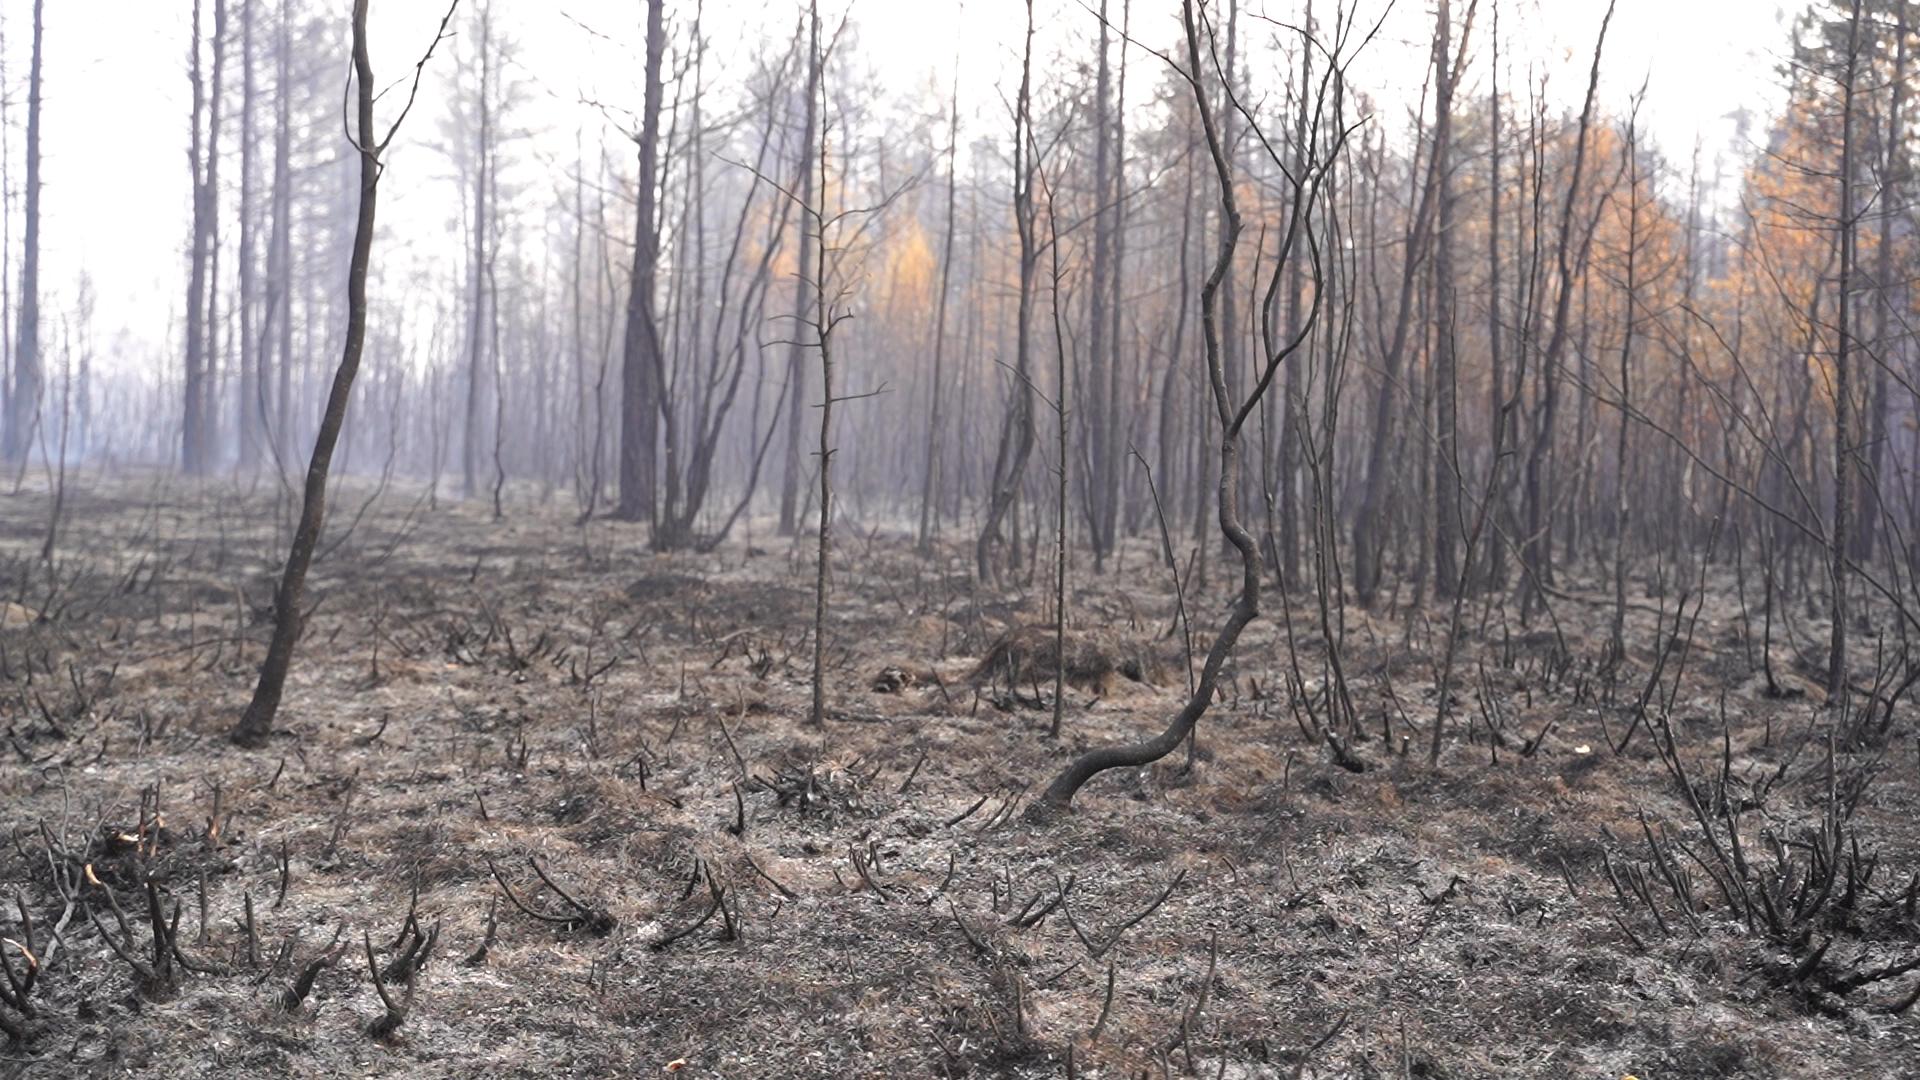 지난달 불에 완전히 타버려 잿빛 폐허로 변해버린 러시아 사하공화국의 빌류이스키 숲. 화재 직전 울창했던 숲에선 더이상 생명의 움직임이 보이지 않는다. 사진 sreda studio